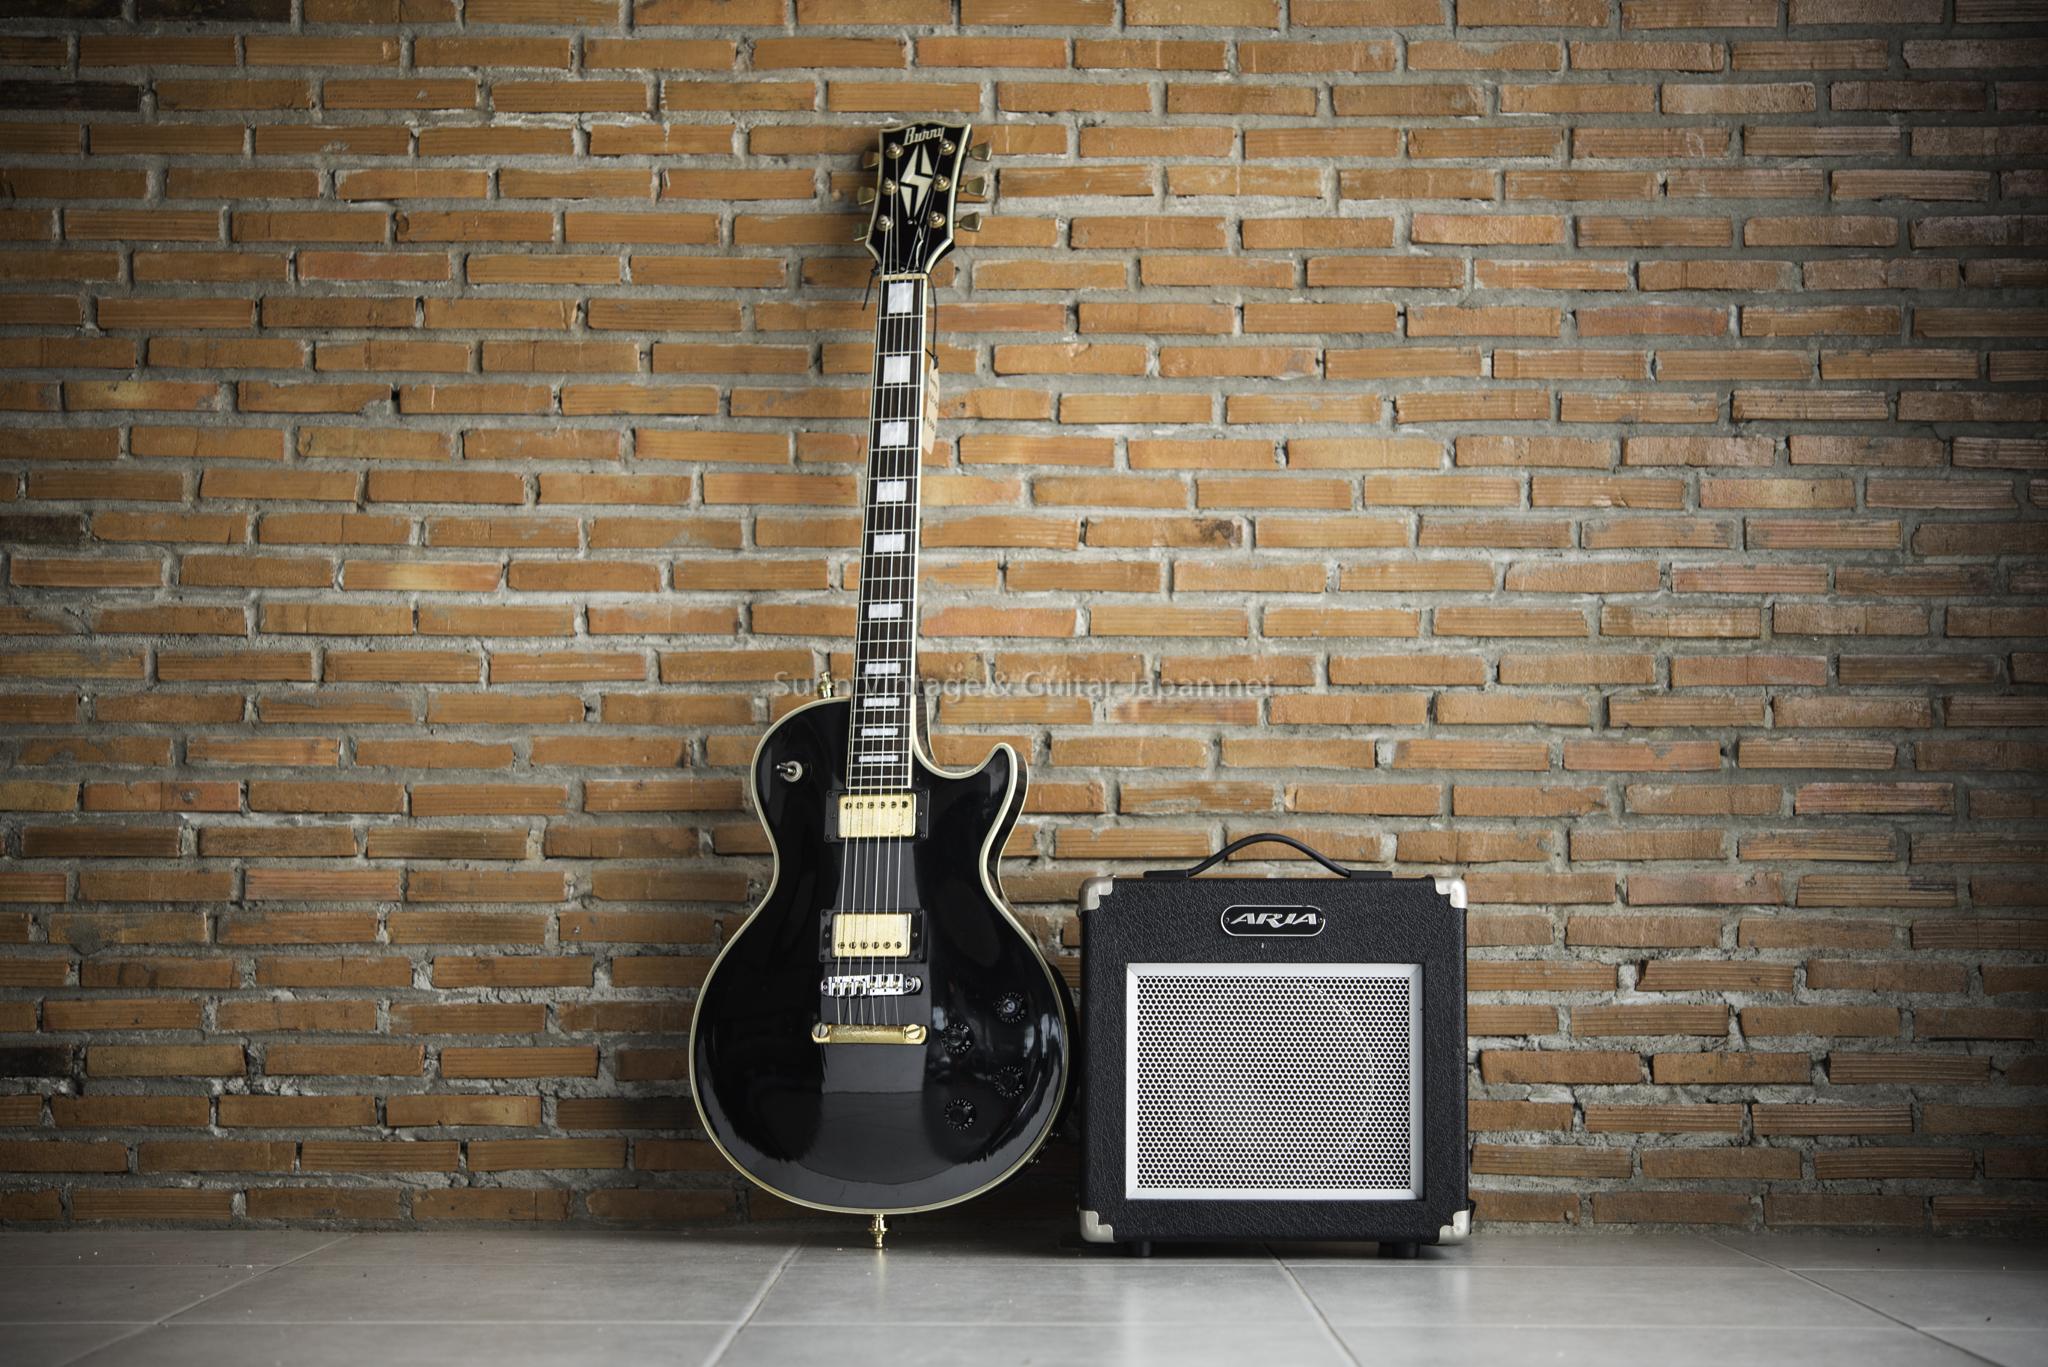 แอมป์เบสไฟฟ้ามือสอง SX BA-1565 No.3 Bass Amp